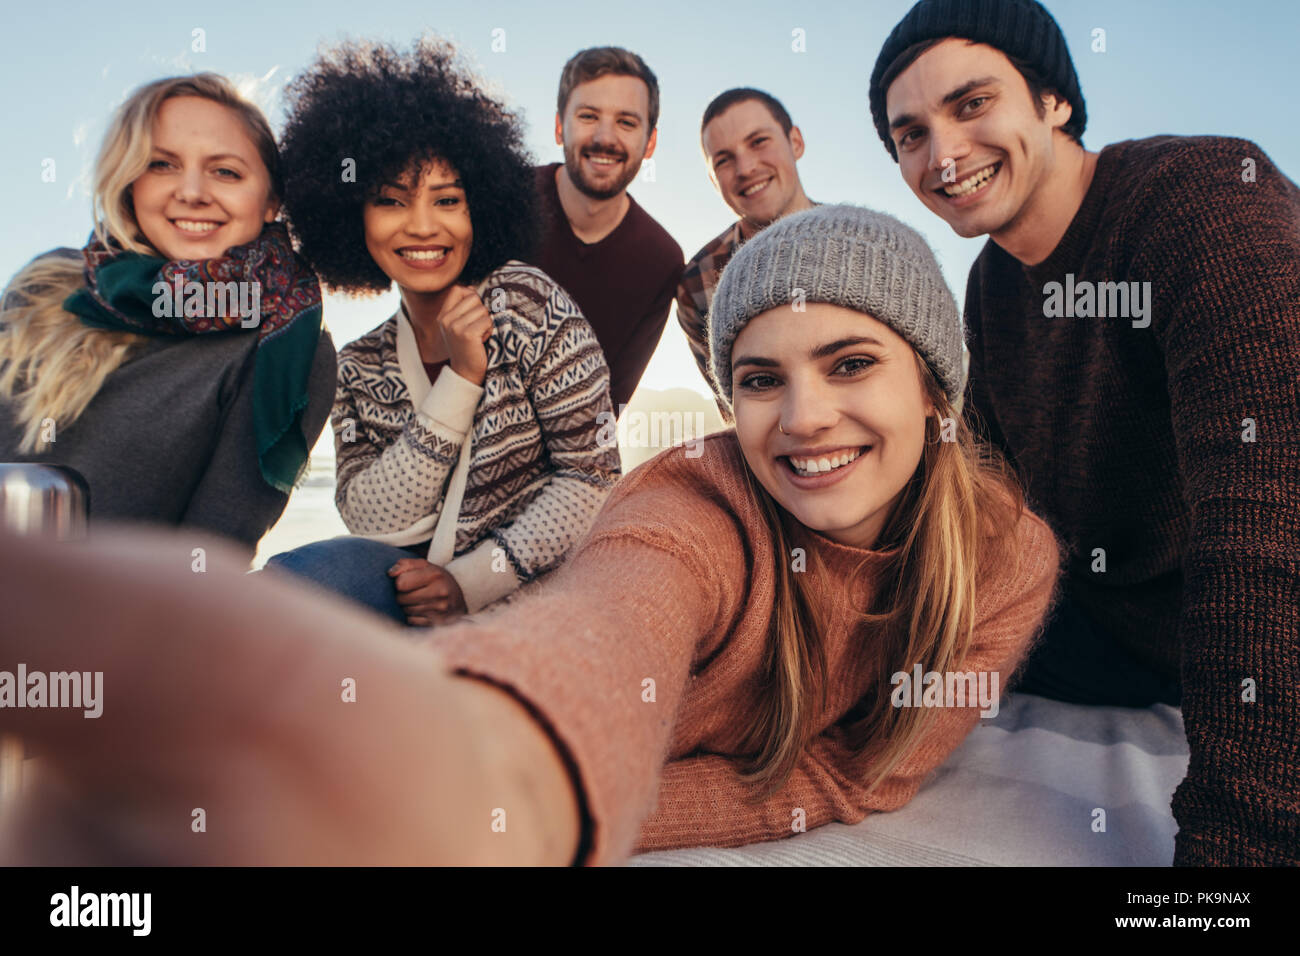 Giovani amici prendendo selfie durante le feste in spiaggia. Gruppo di razza mista amici prendendo selfie sulla riva del mare. Immagini Stock